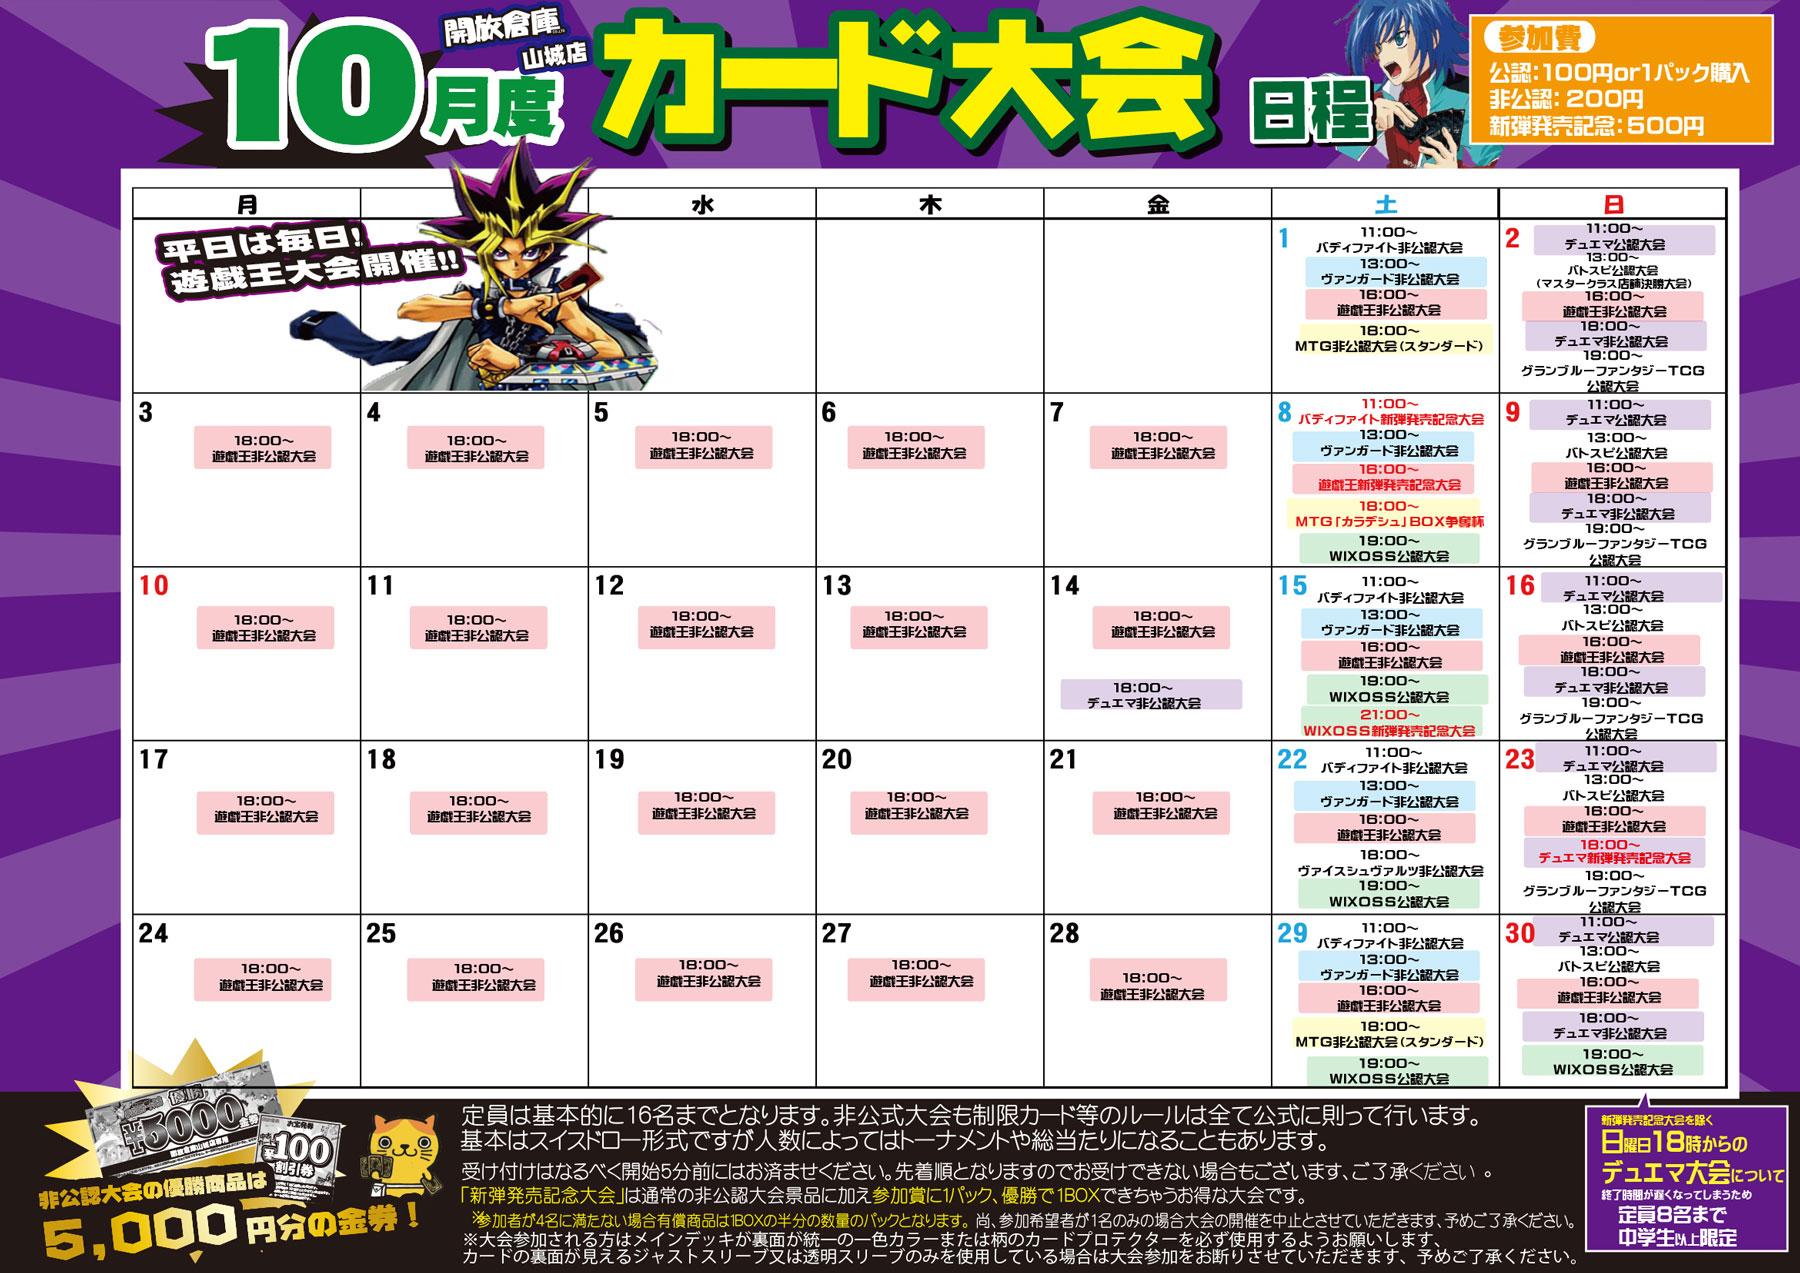 【2016年10月度】カード大会日程表(開放倉庫山城店)